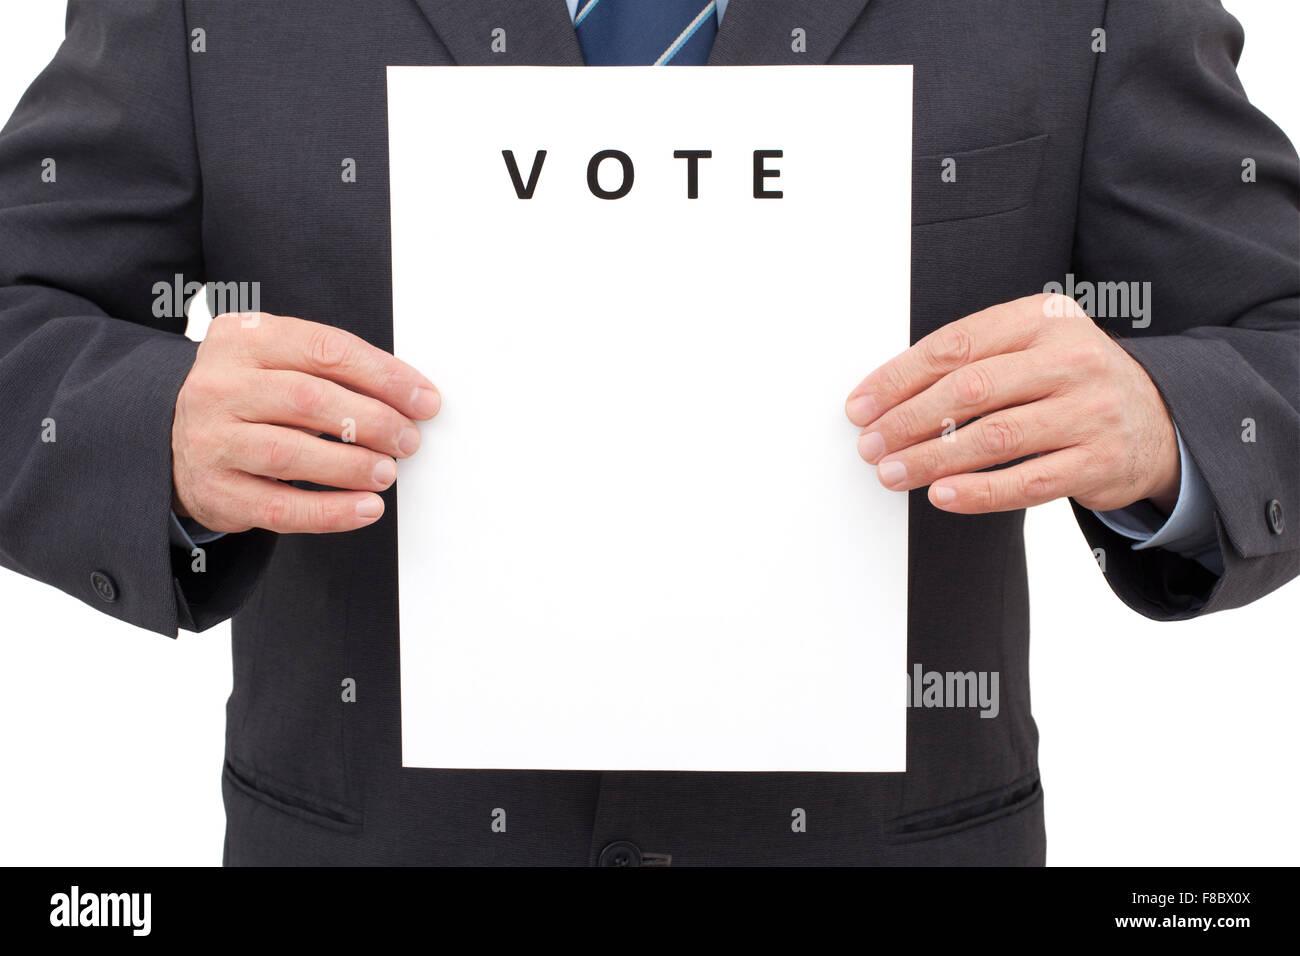 Uomo in tuta, tenendo un foglio bianco con titolo Votazione davanti a lui. L'immagine è stata realizzata Immagini Stock